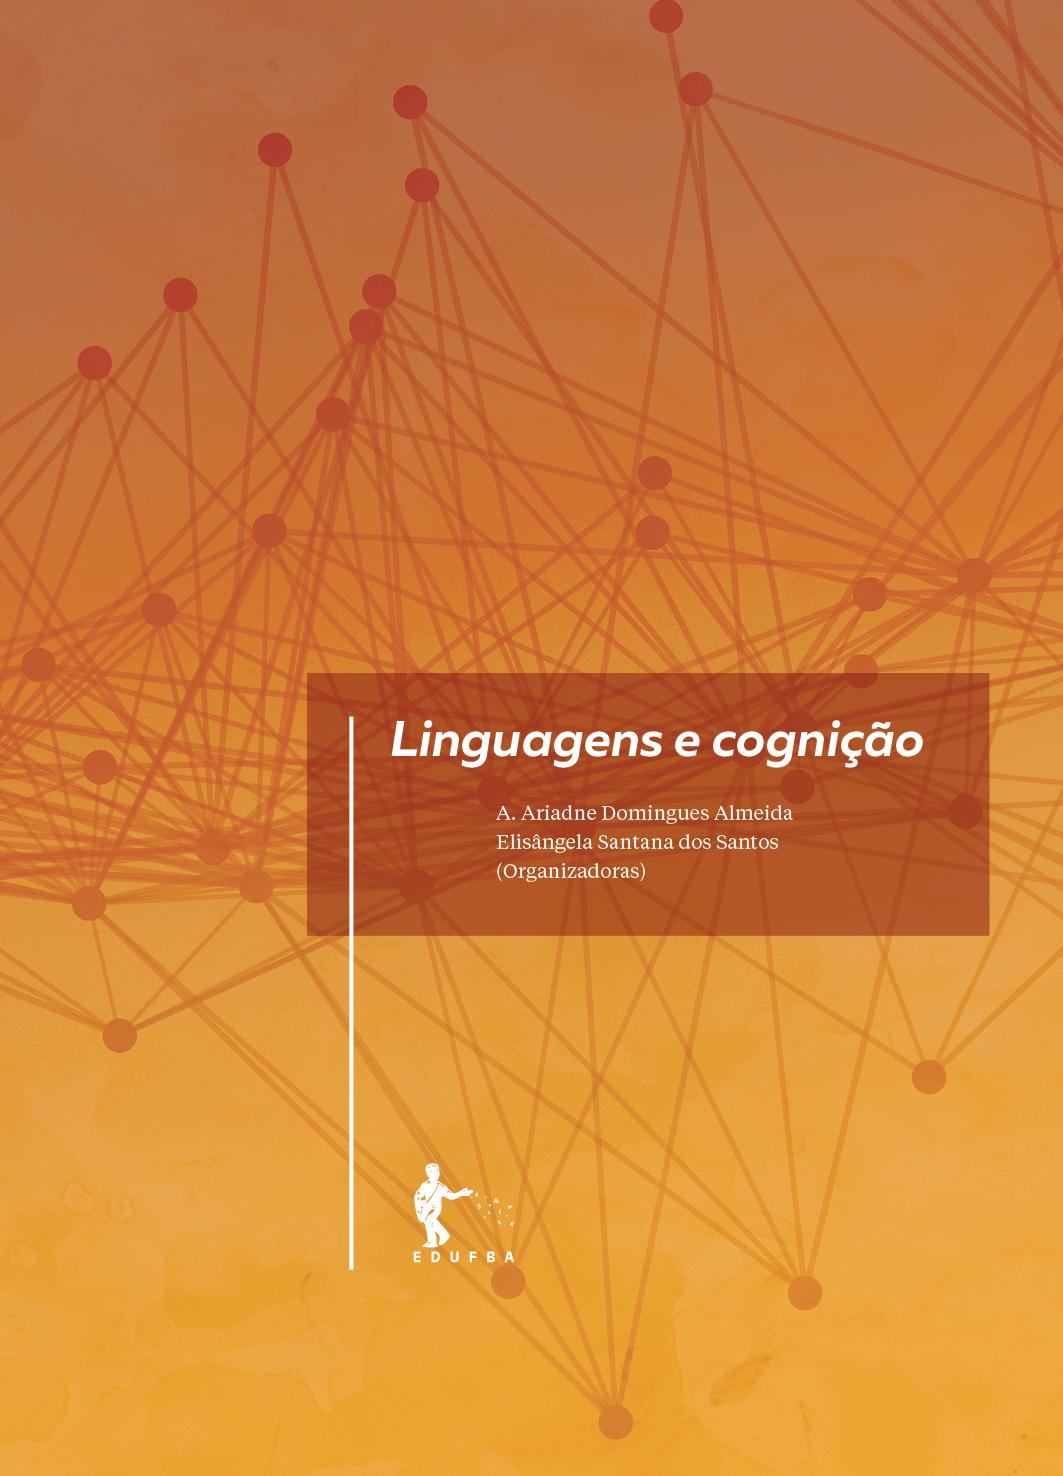 Linguagens e Cognição, livro de A. Ariadne Domingues Almeida, Elisângela Santana dos Santos